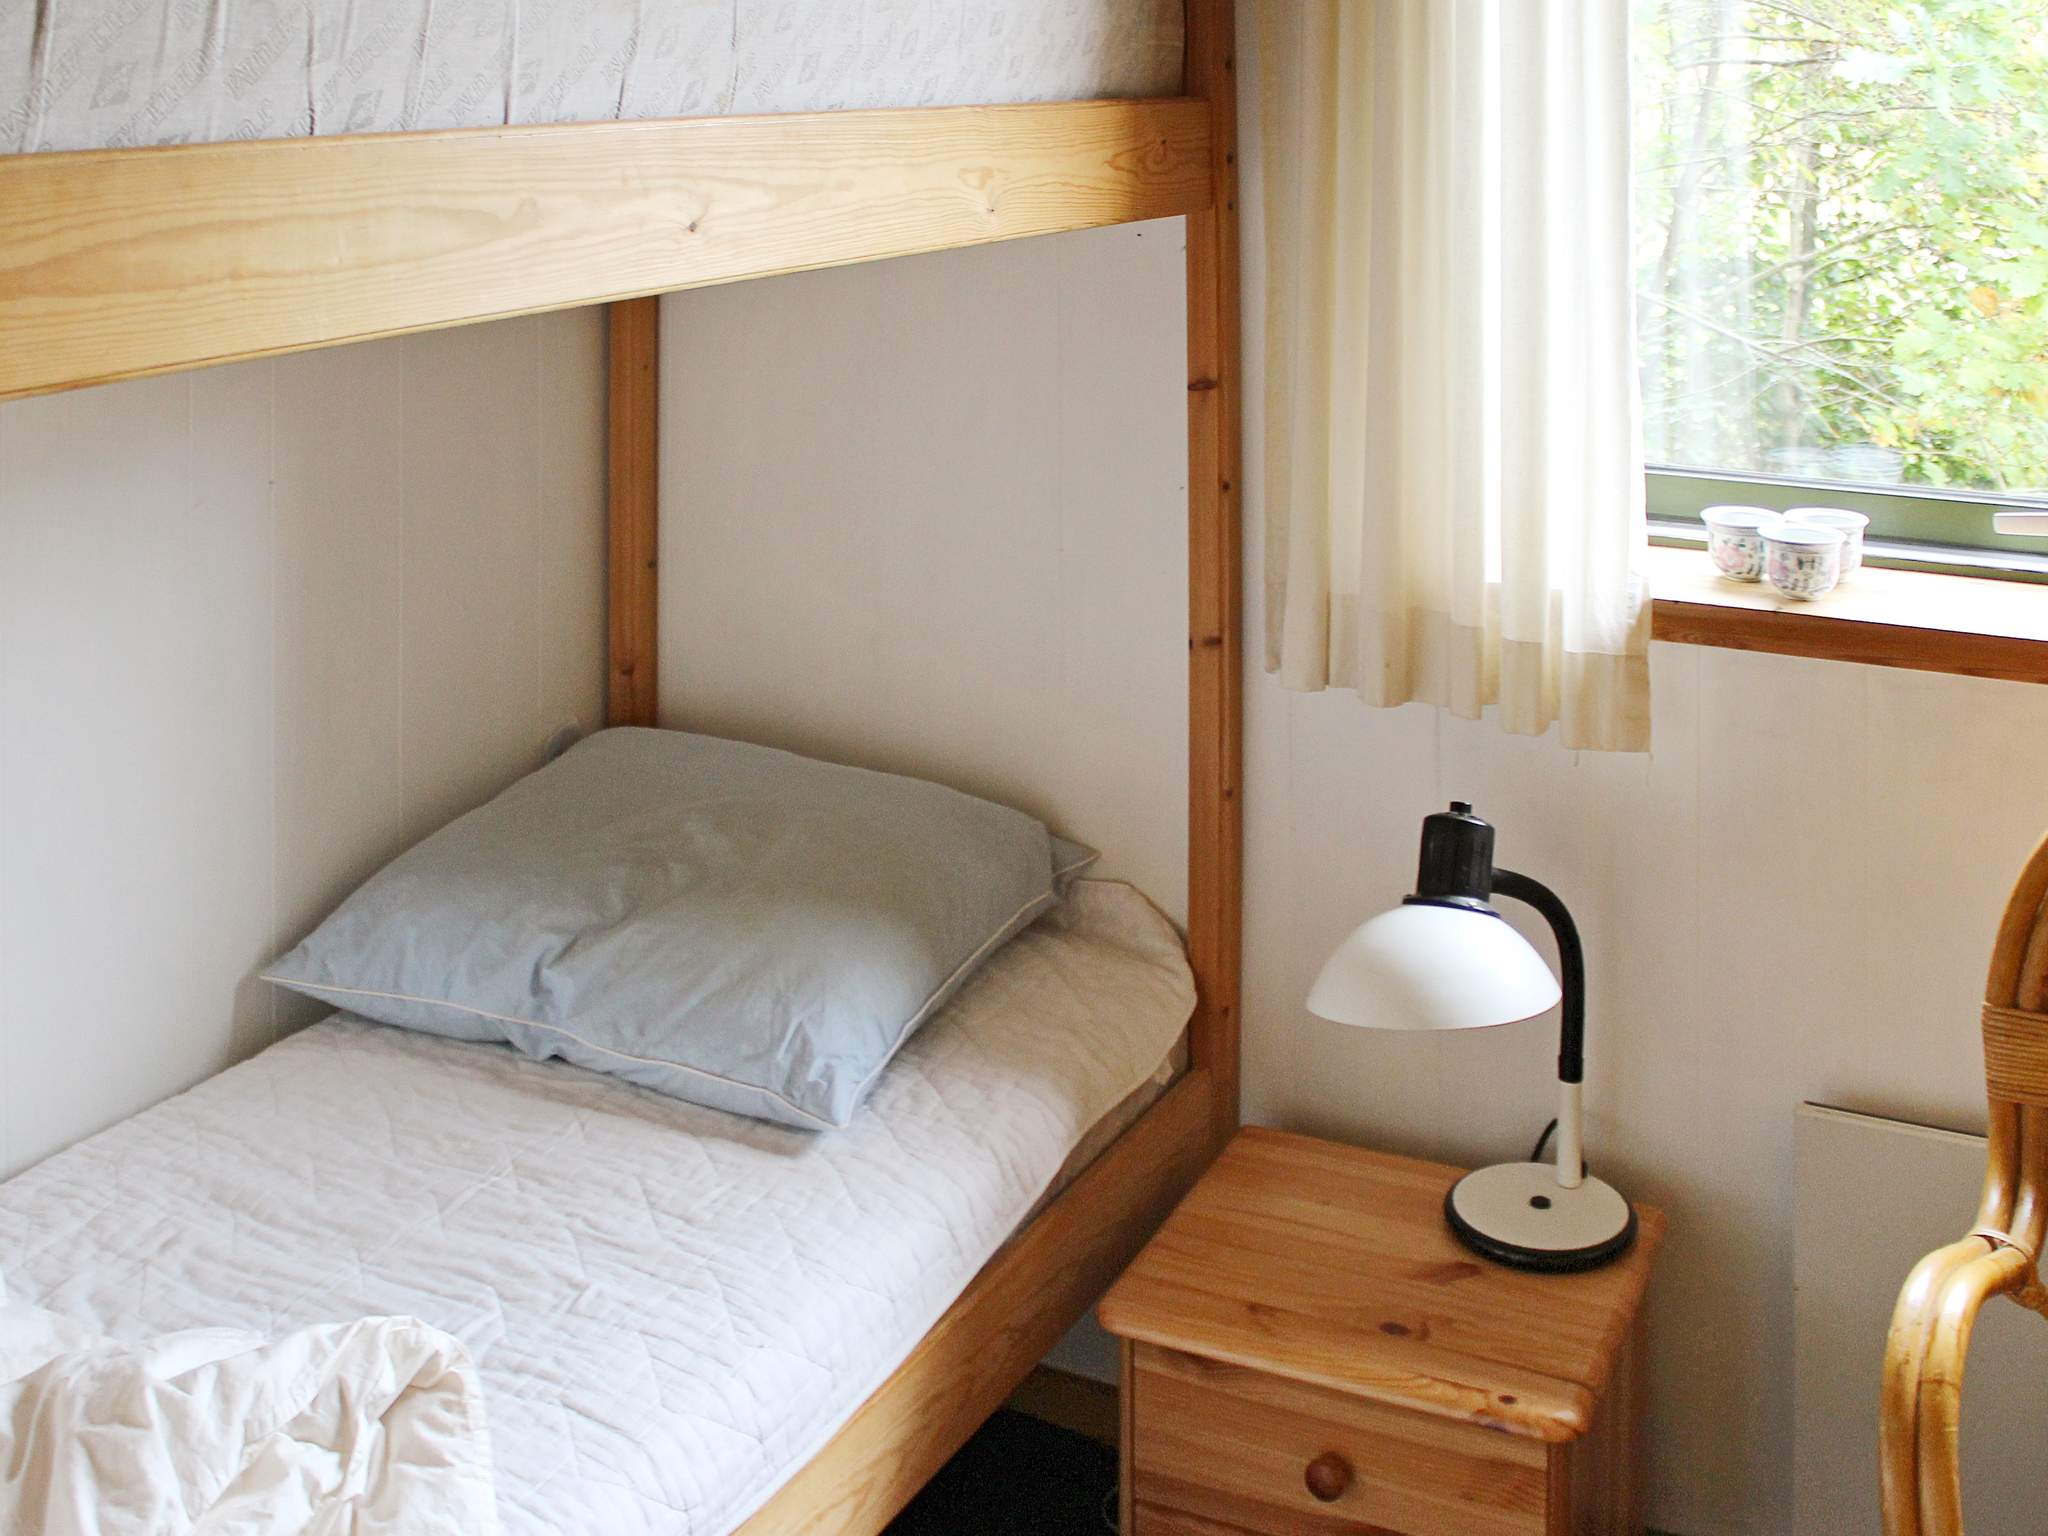 Ferienhaus Silkeborg (1999583), Silkeborg, , Ostjütland, Dänemark, Bild 10